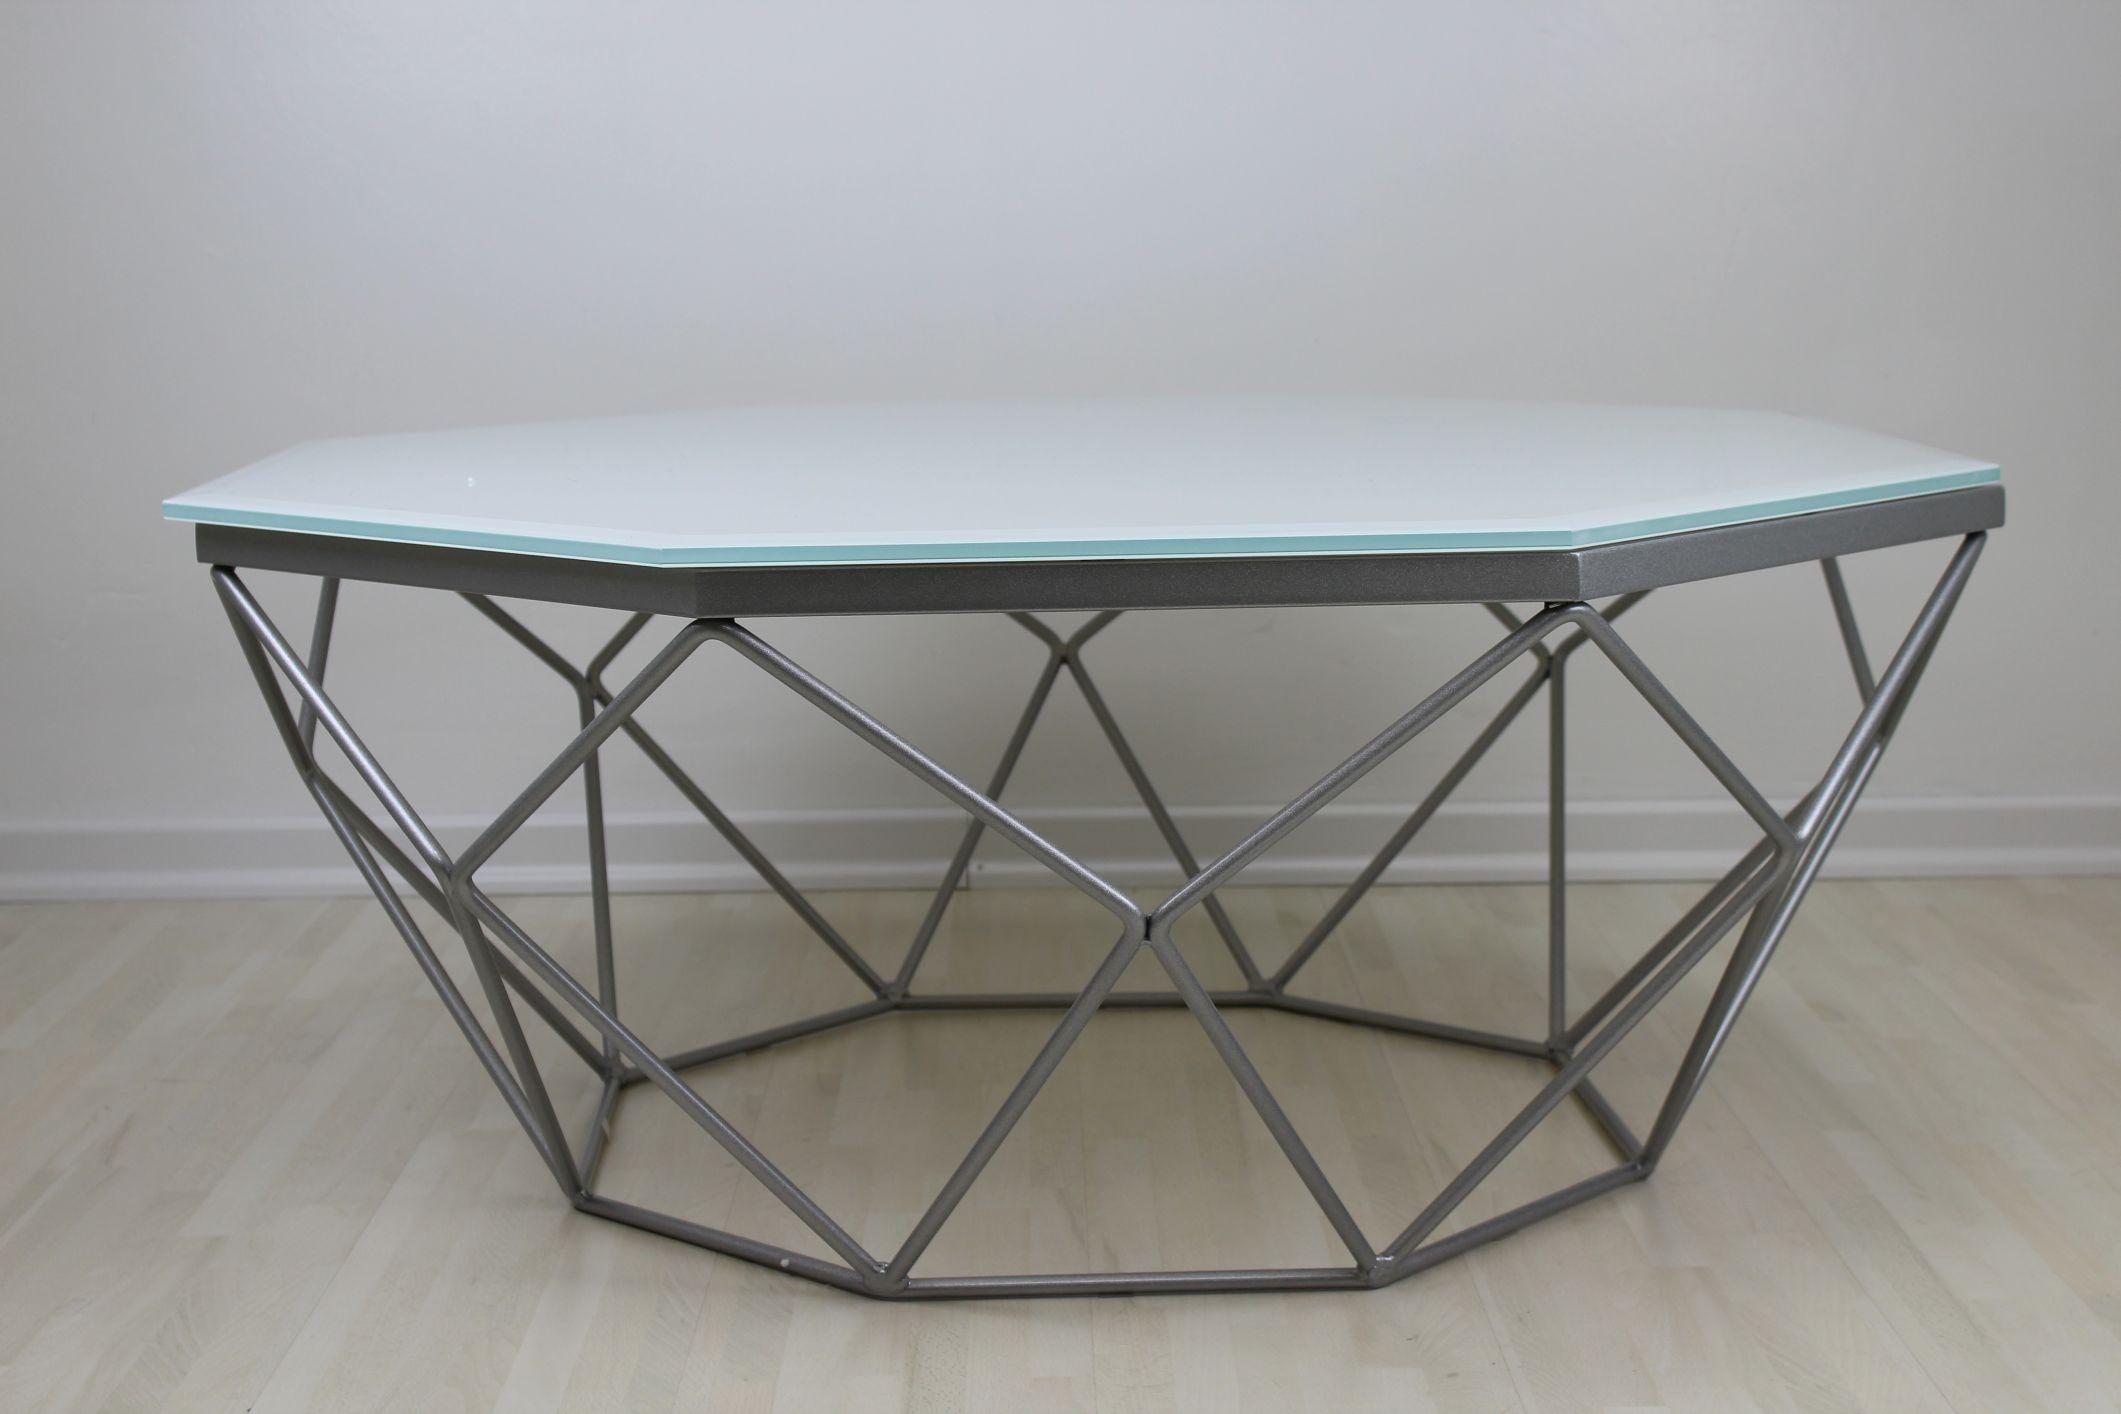 Couchtisch Silber  Couchtisch Silber Weiß Glas Wohnzimmer Tisch Metall